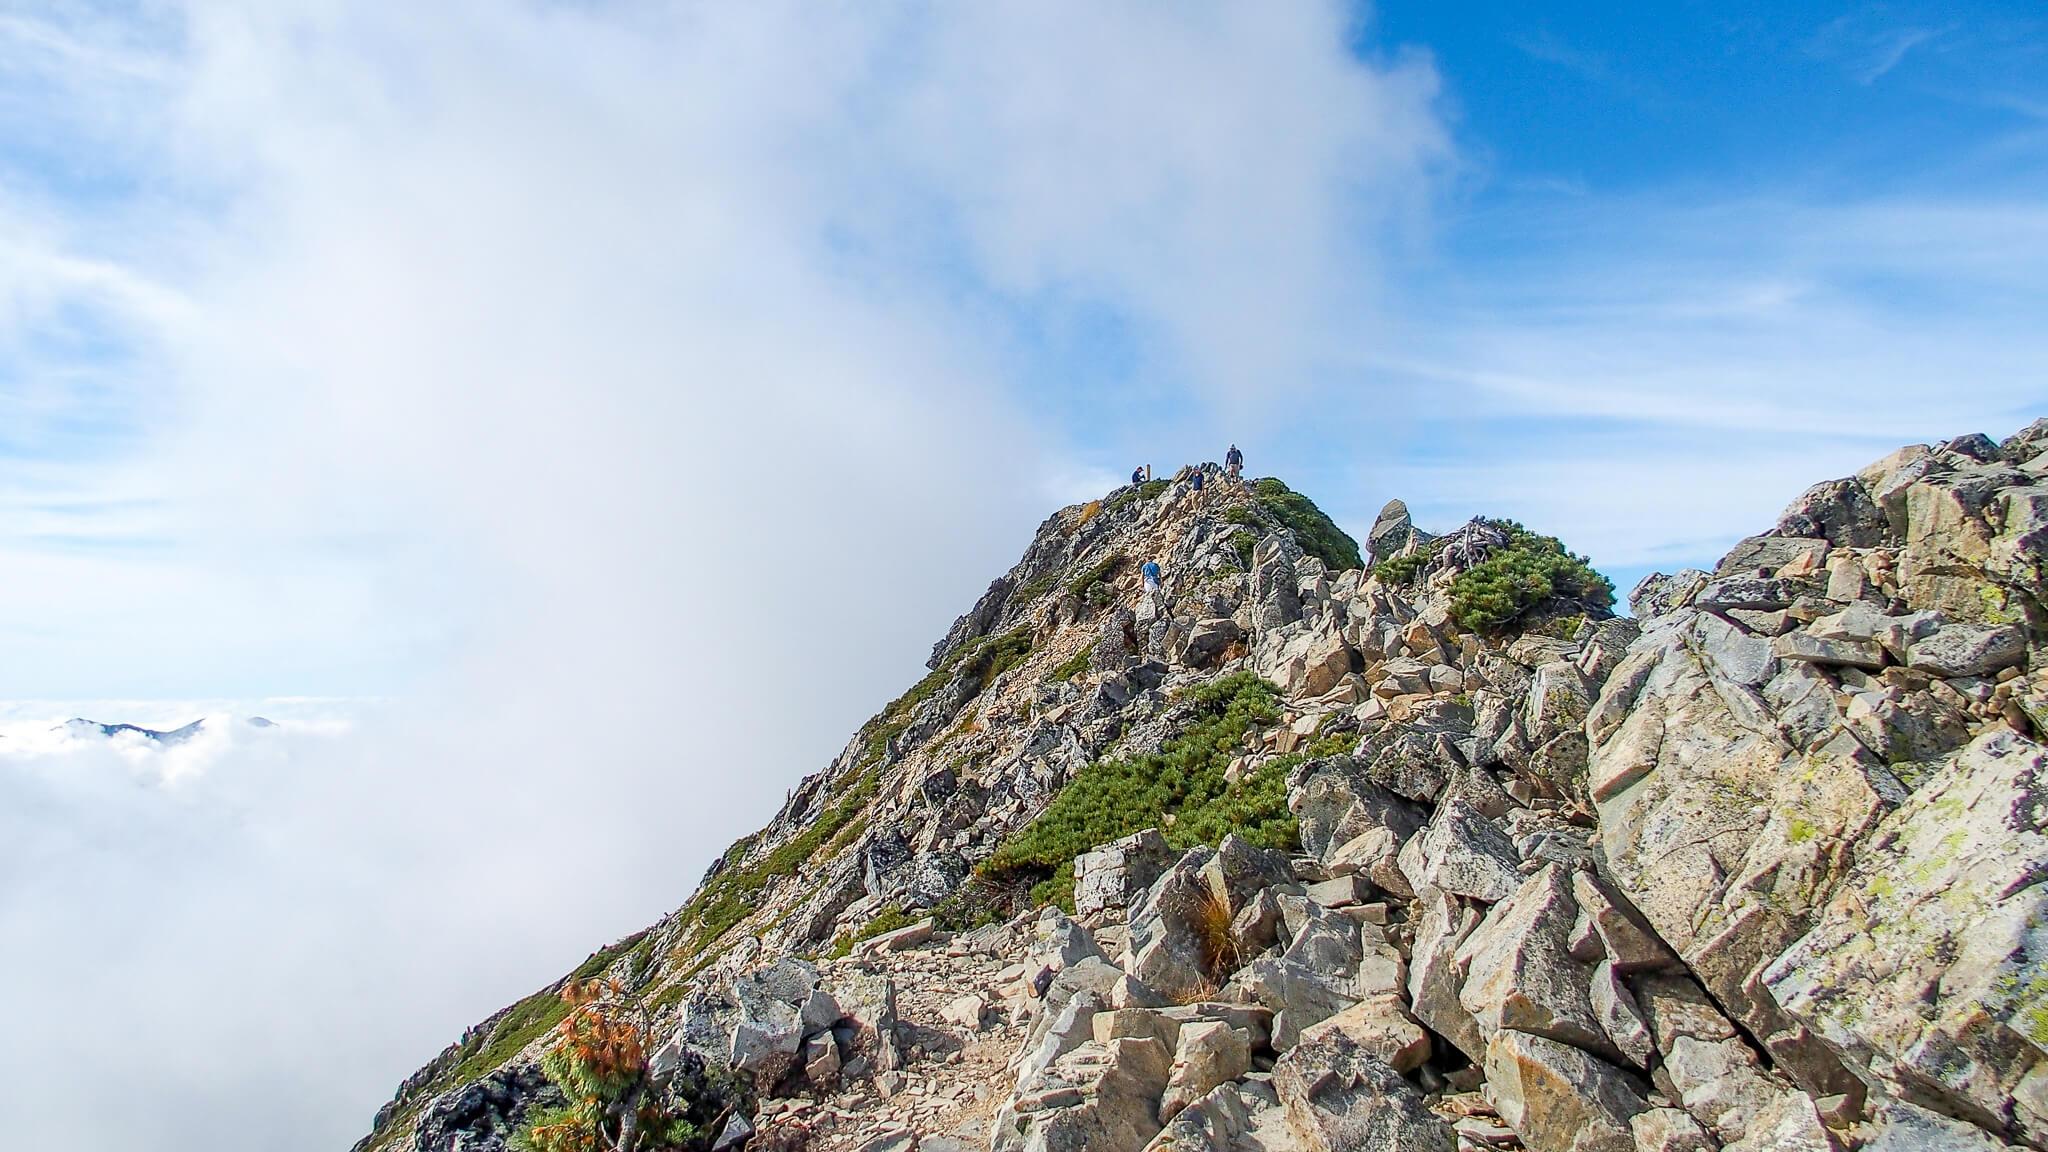 五竜岳にいざ行かん10・山頂まであと少し!